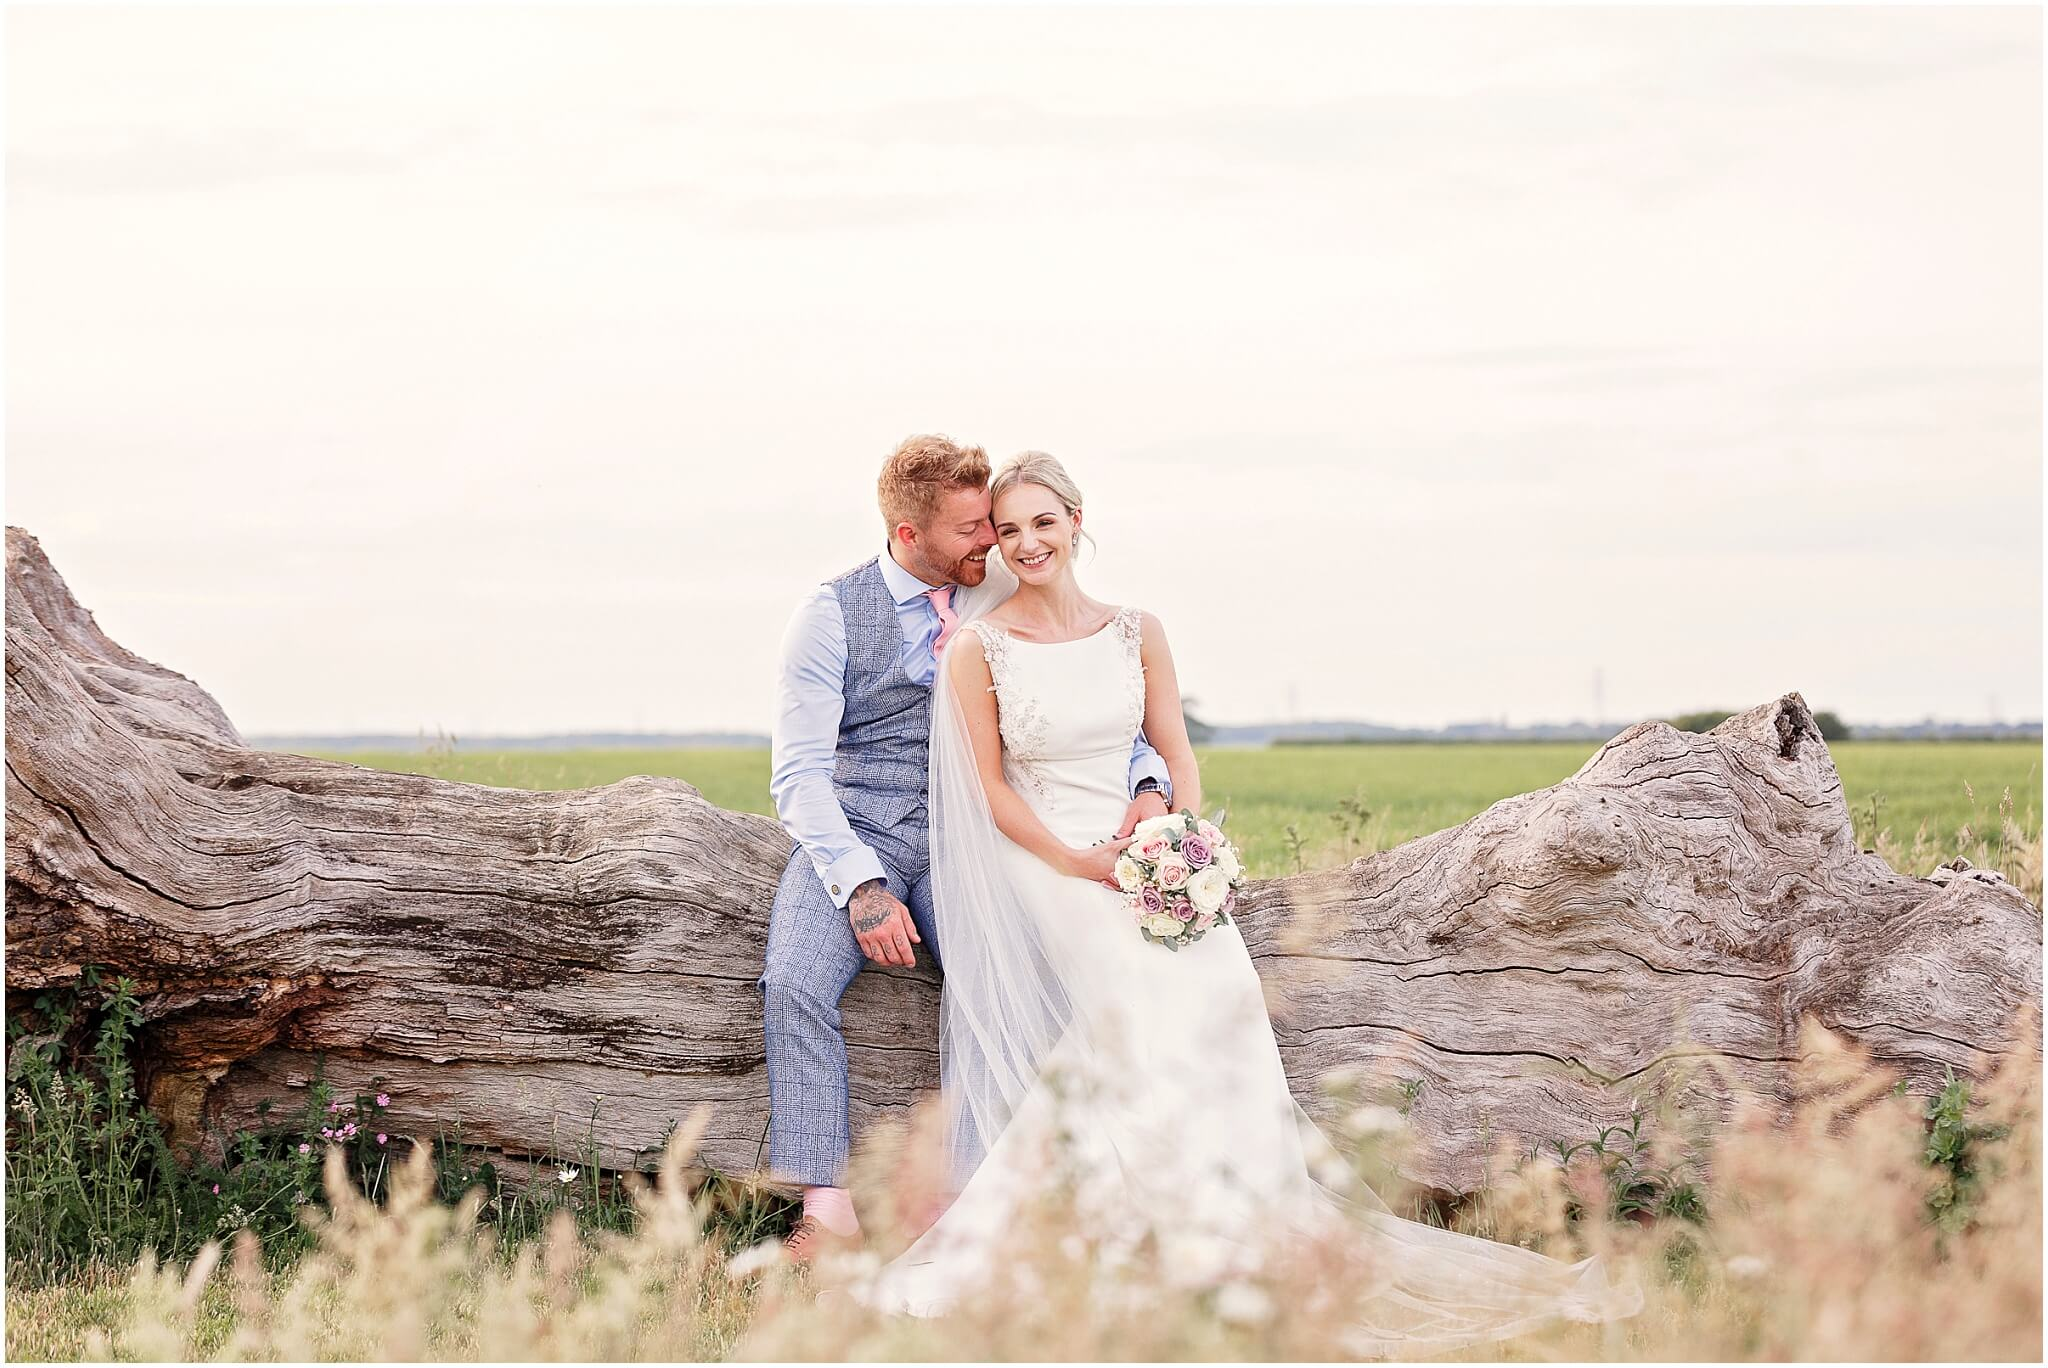 Shades of White Wedding Dress at Bassmead Manor Barns